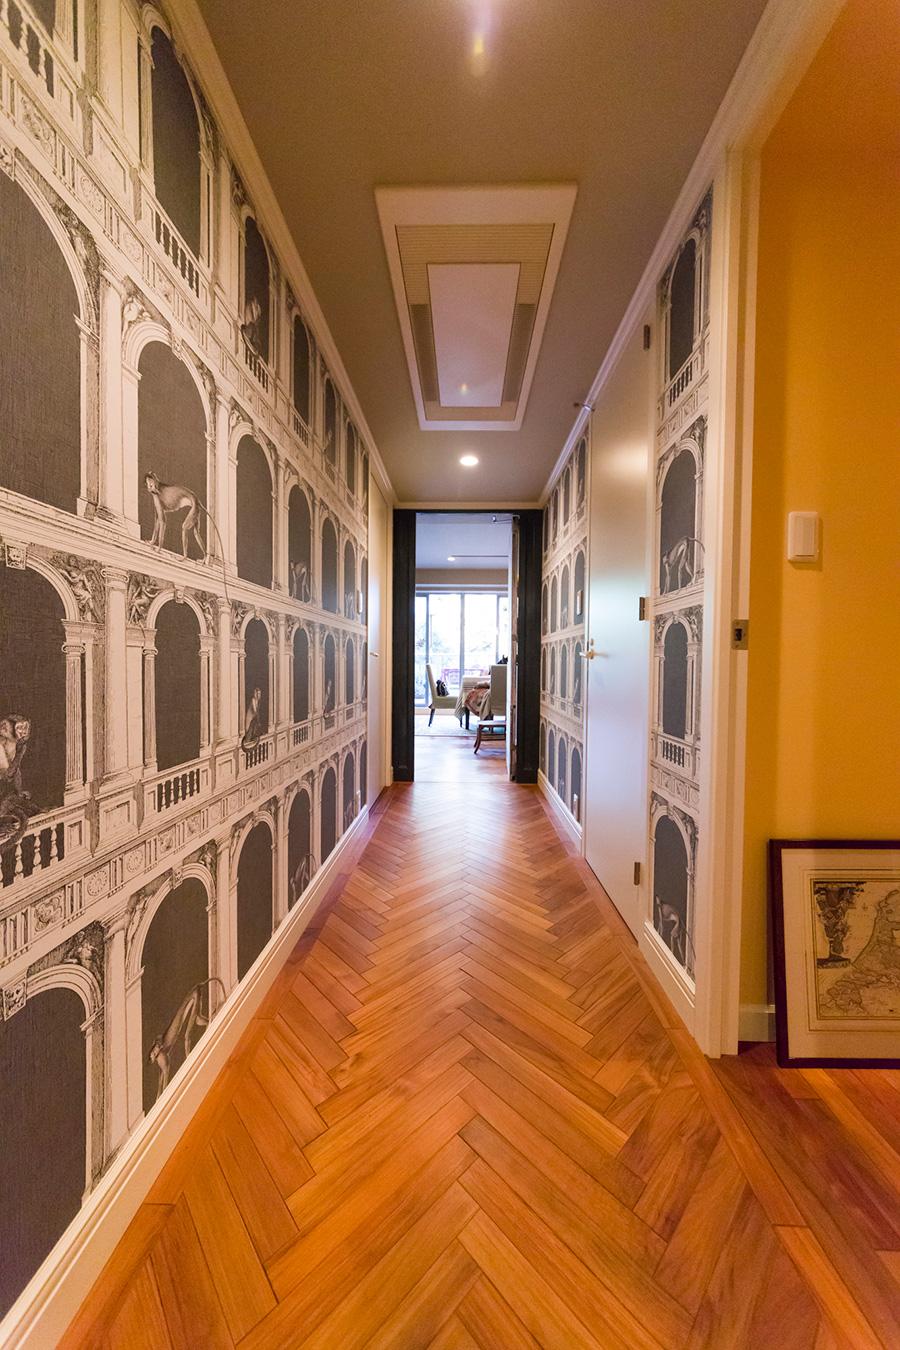 猿が遊ぶユニークな壁紙とヘリンボーンの床で、廊下が表情豊かな空間に。